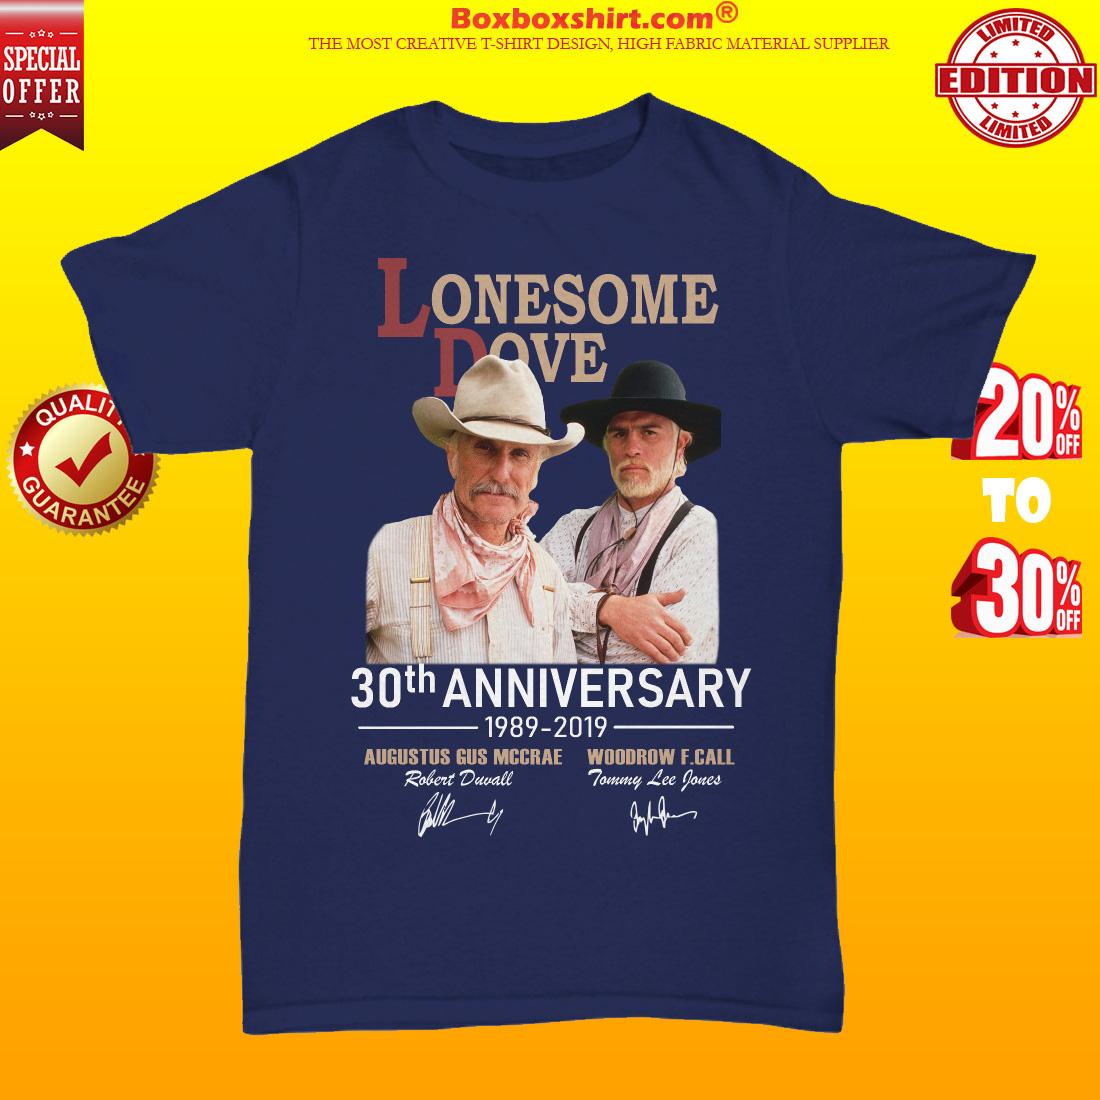 Lonesome Dove 30th anniversary 1989 2019 unisex tee shirt